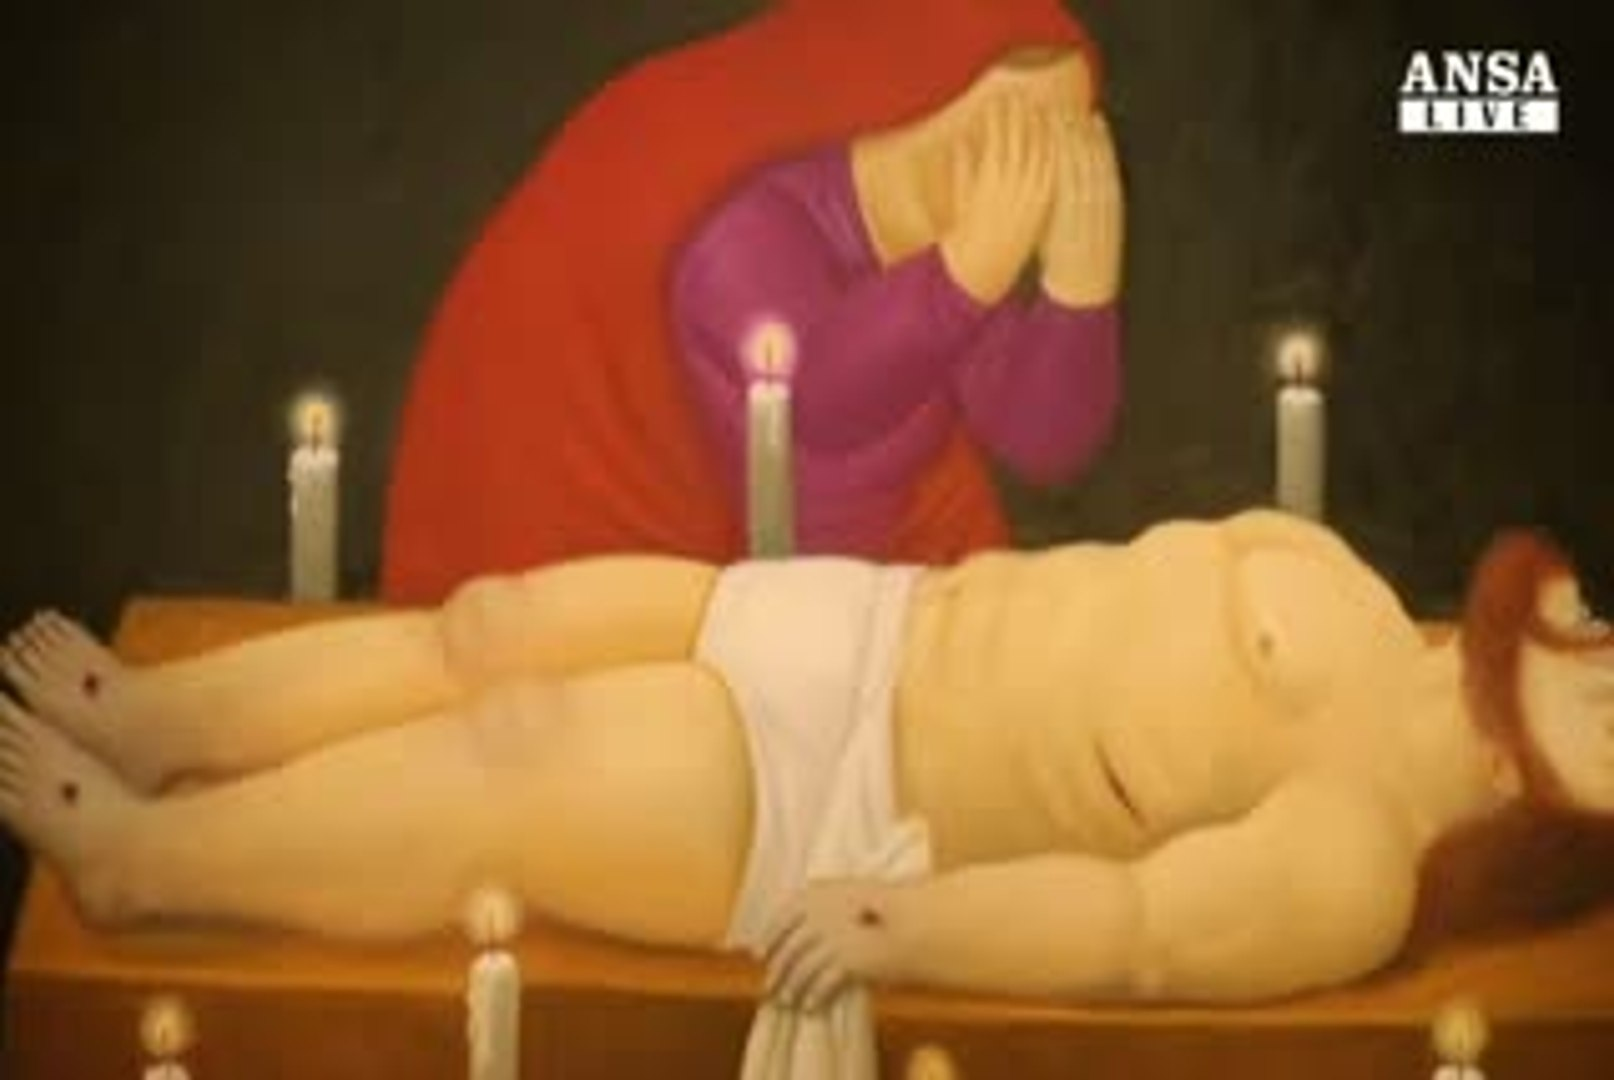 Mostre: Pagana e sociale la Via Crucis di Botero